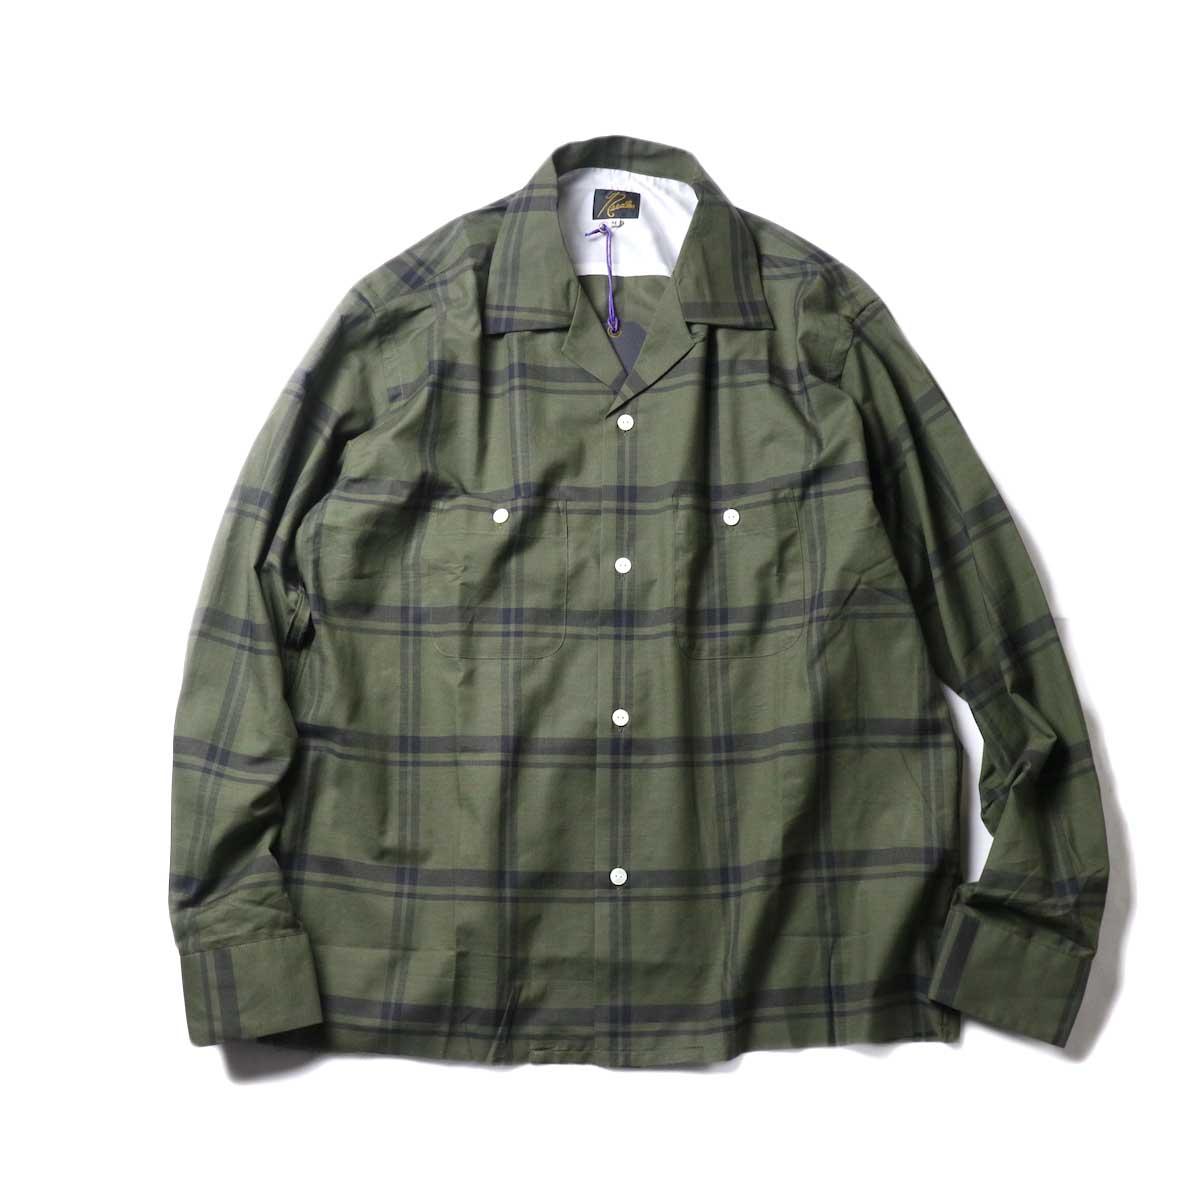 Needles / C.O.B One-Up Shirt -C/S Plaid (Olive)